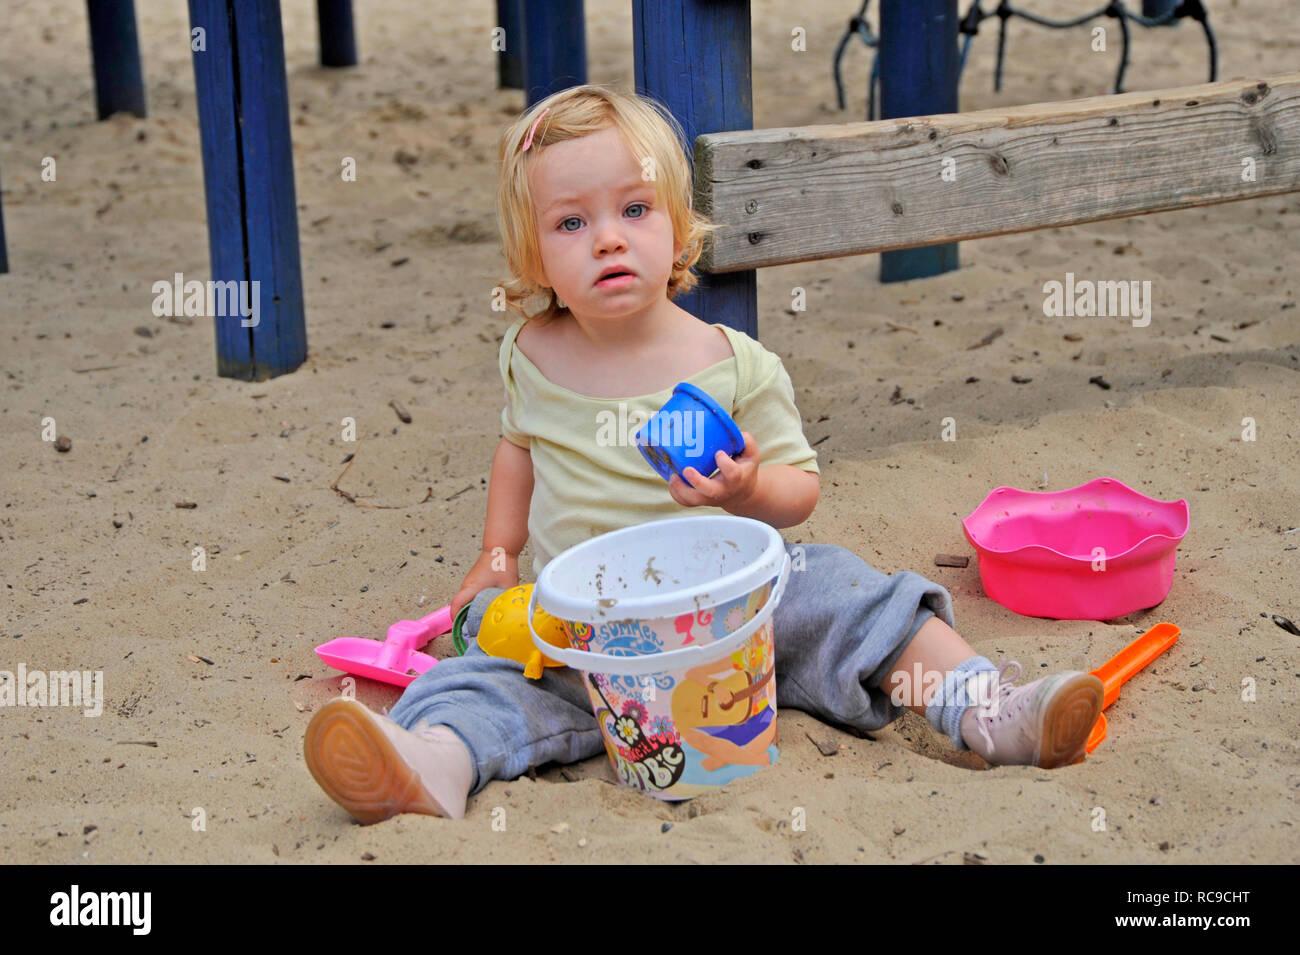 kleines Kind, Mädchen, 2 Jahre alt, auf dem Spielplatz | little child, 2 years old, on a playground Stock Photo